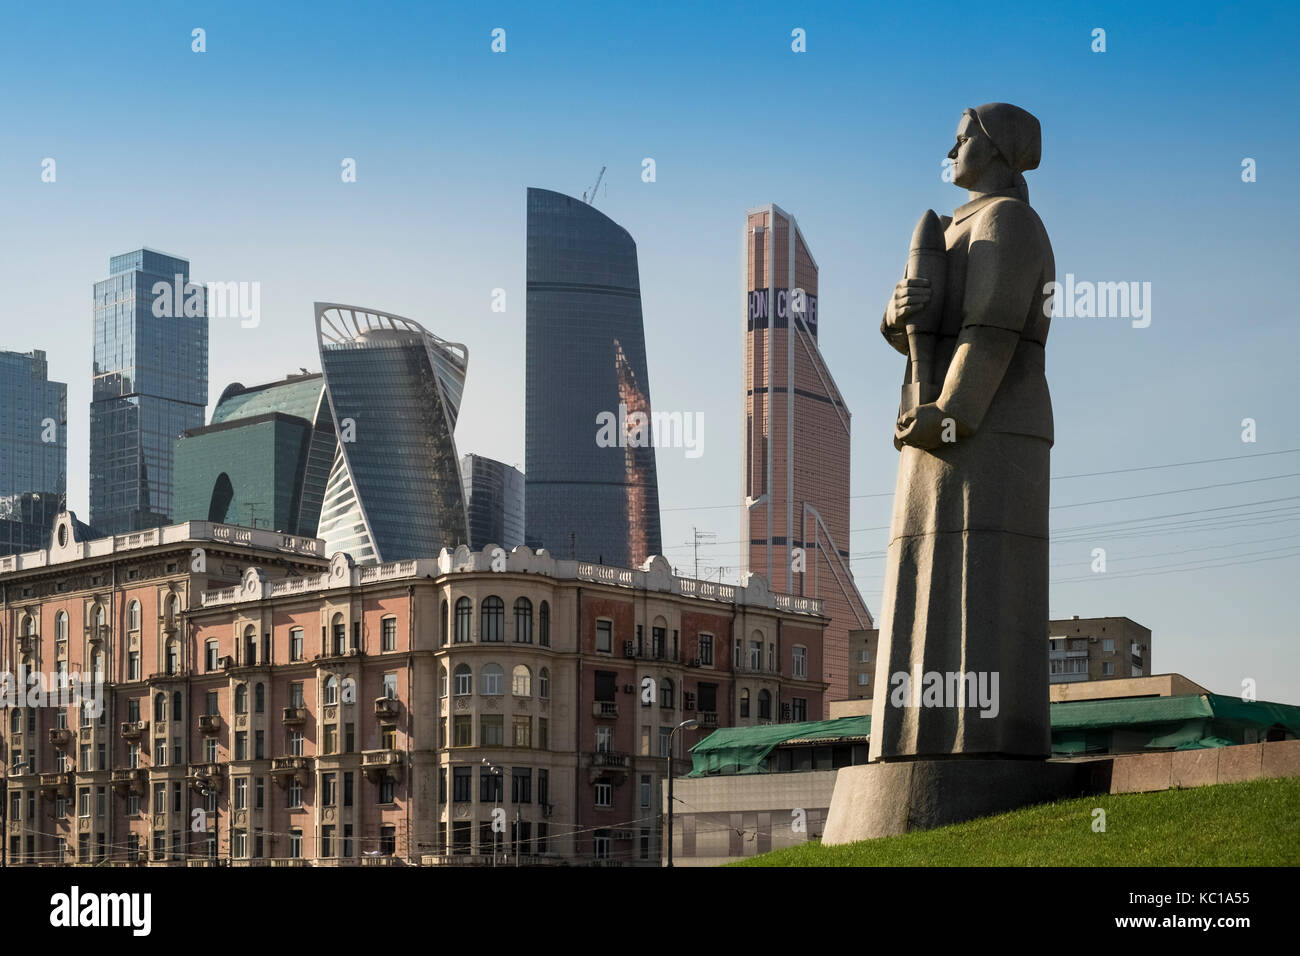 a-ww2-monument-in-dorogomilovo-district-